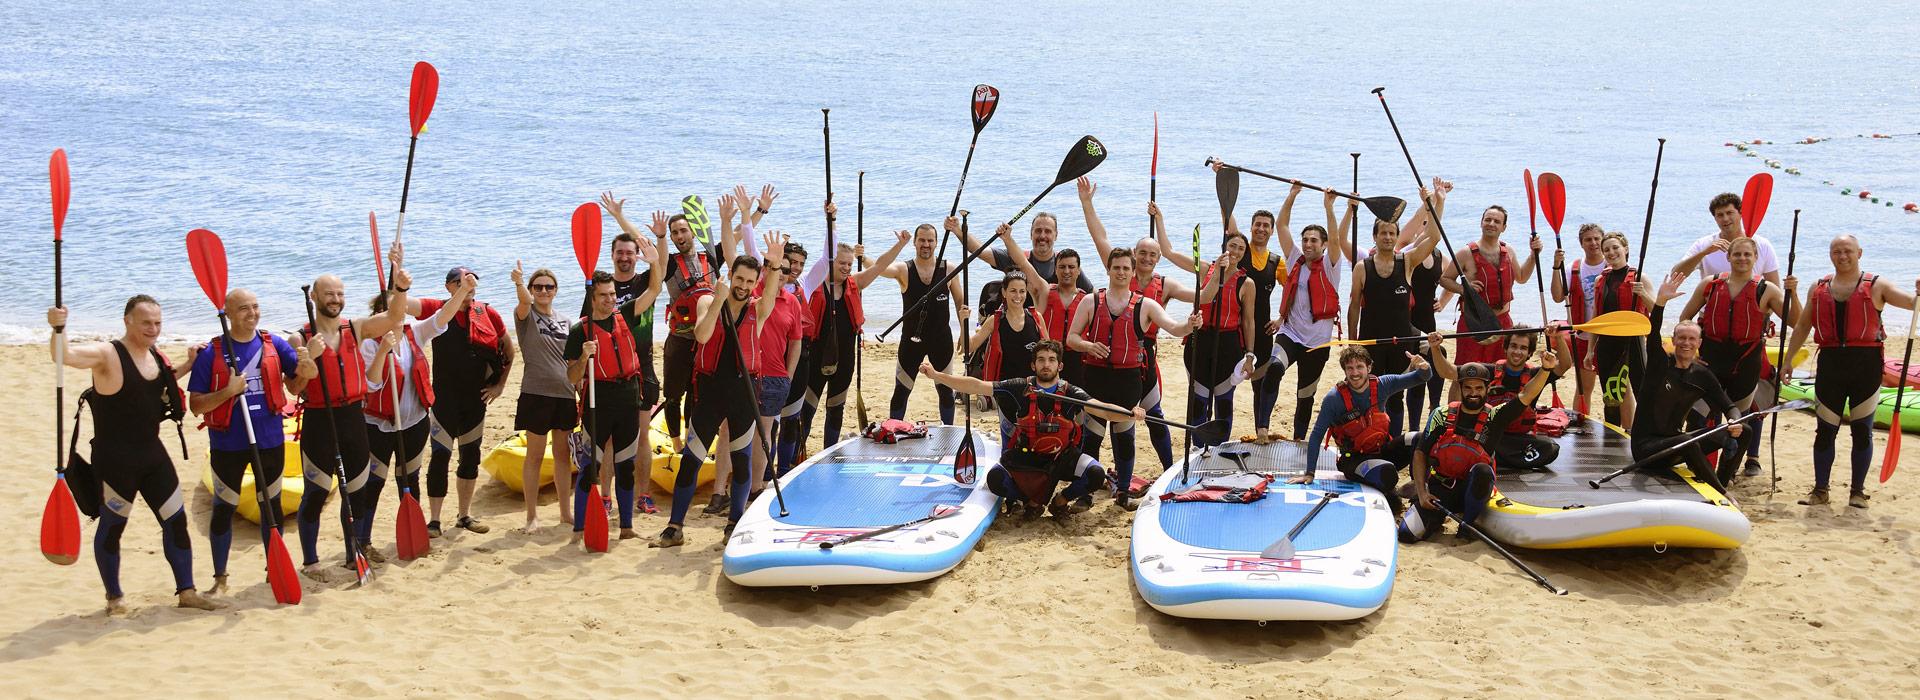 Grupo de Bigsup y Canoa en la playa de Laida Urdaibai